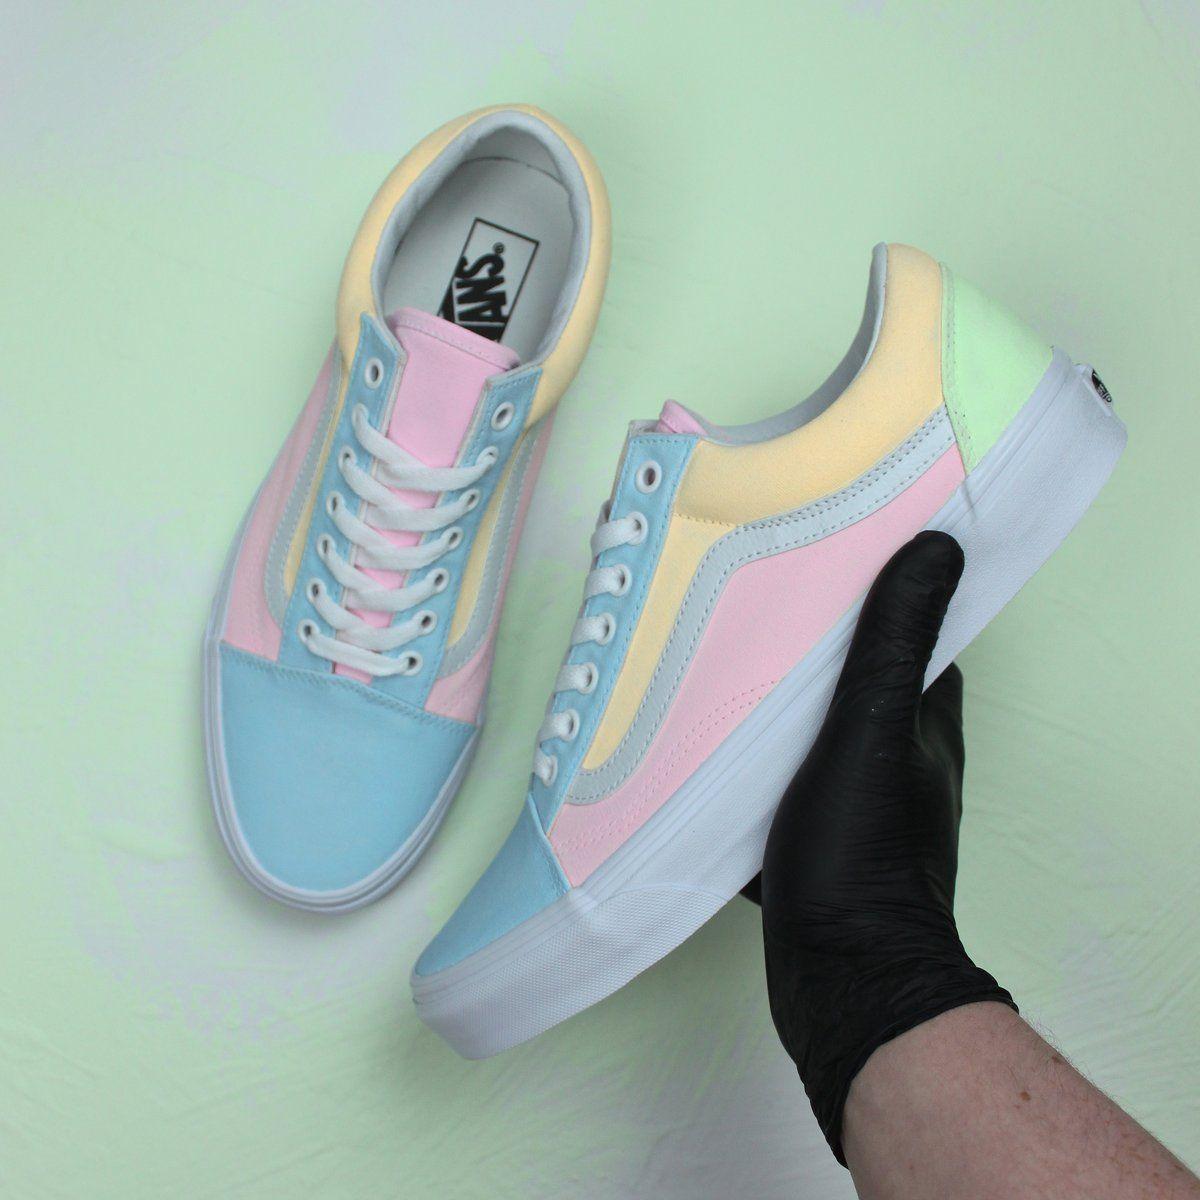 Multi colored vans old skool custom sneakers | Vans